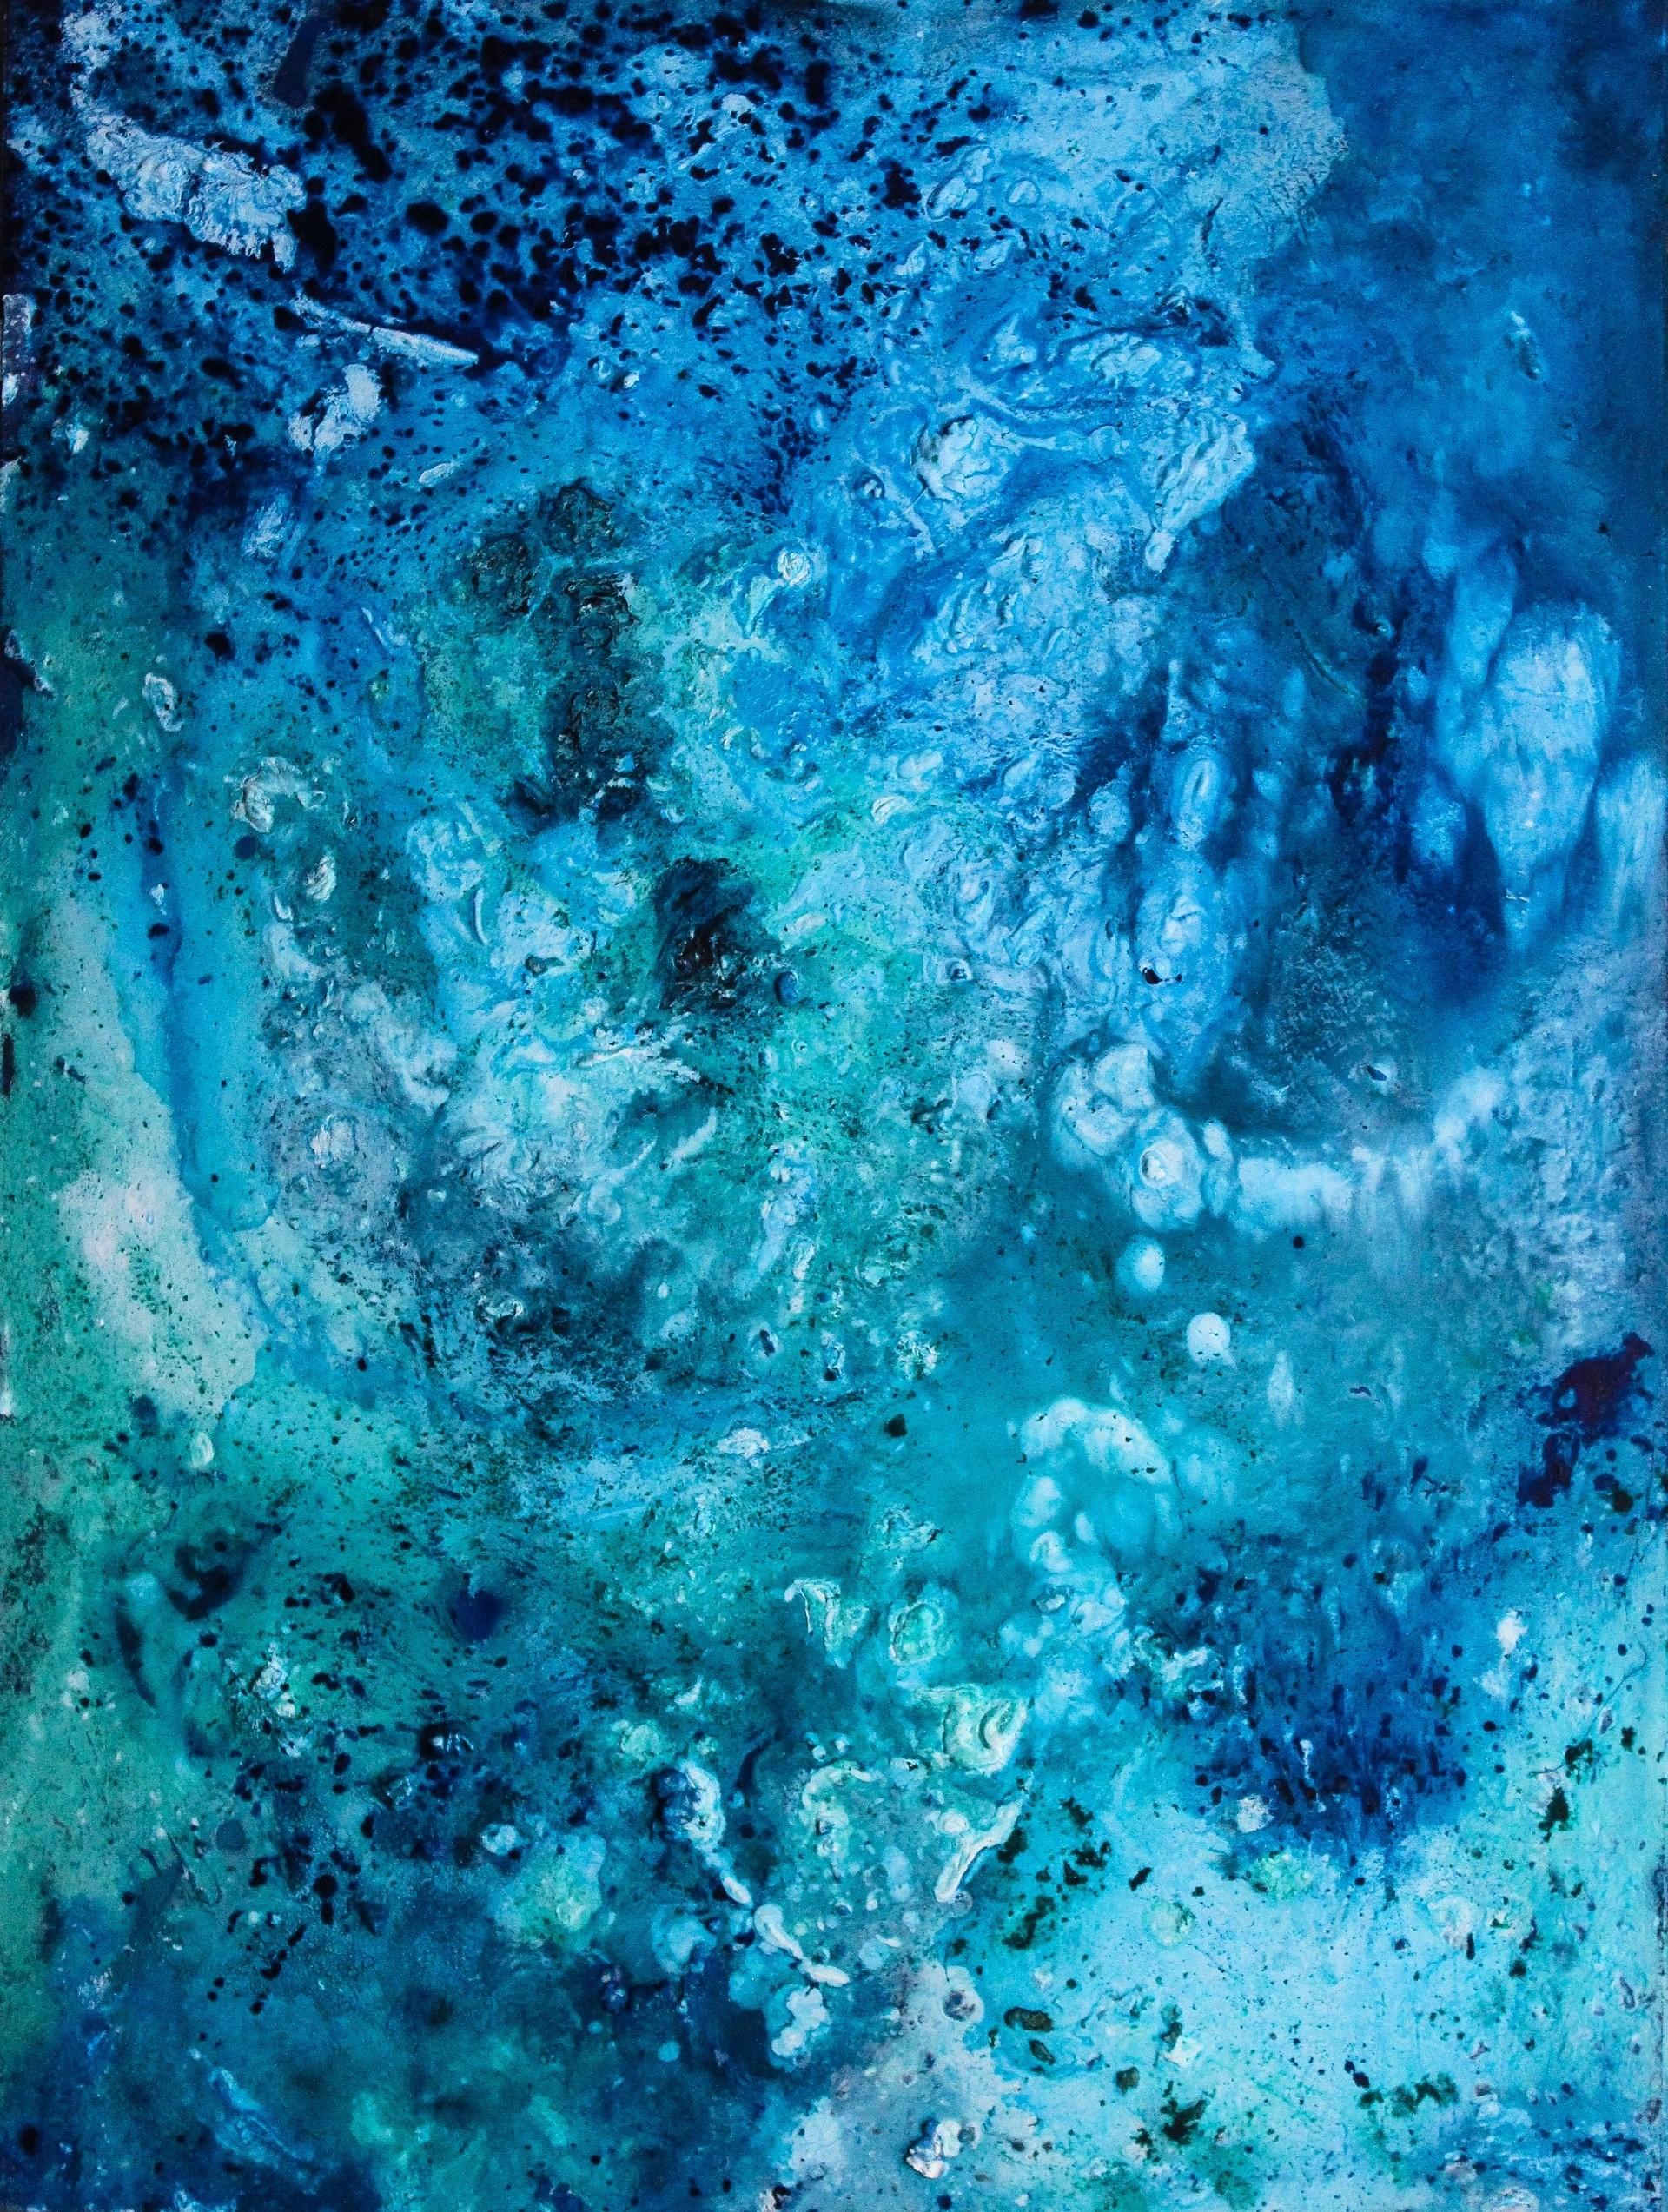 103693 скачать обои Пятна, Абстракция, Разводы, Текстура, Синий - заставки и картинки бесплатно